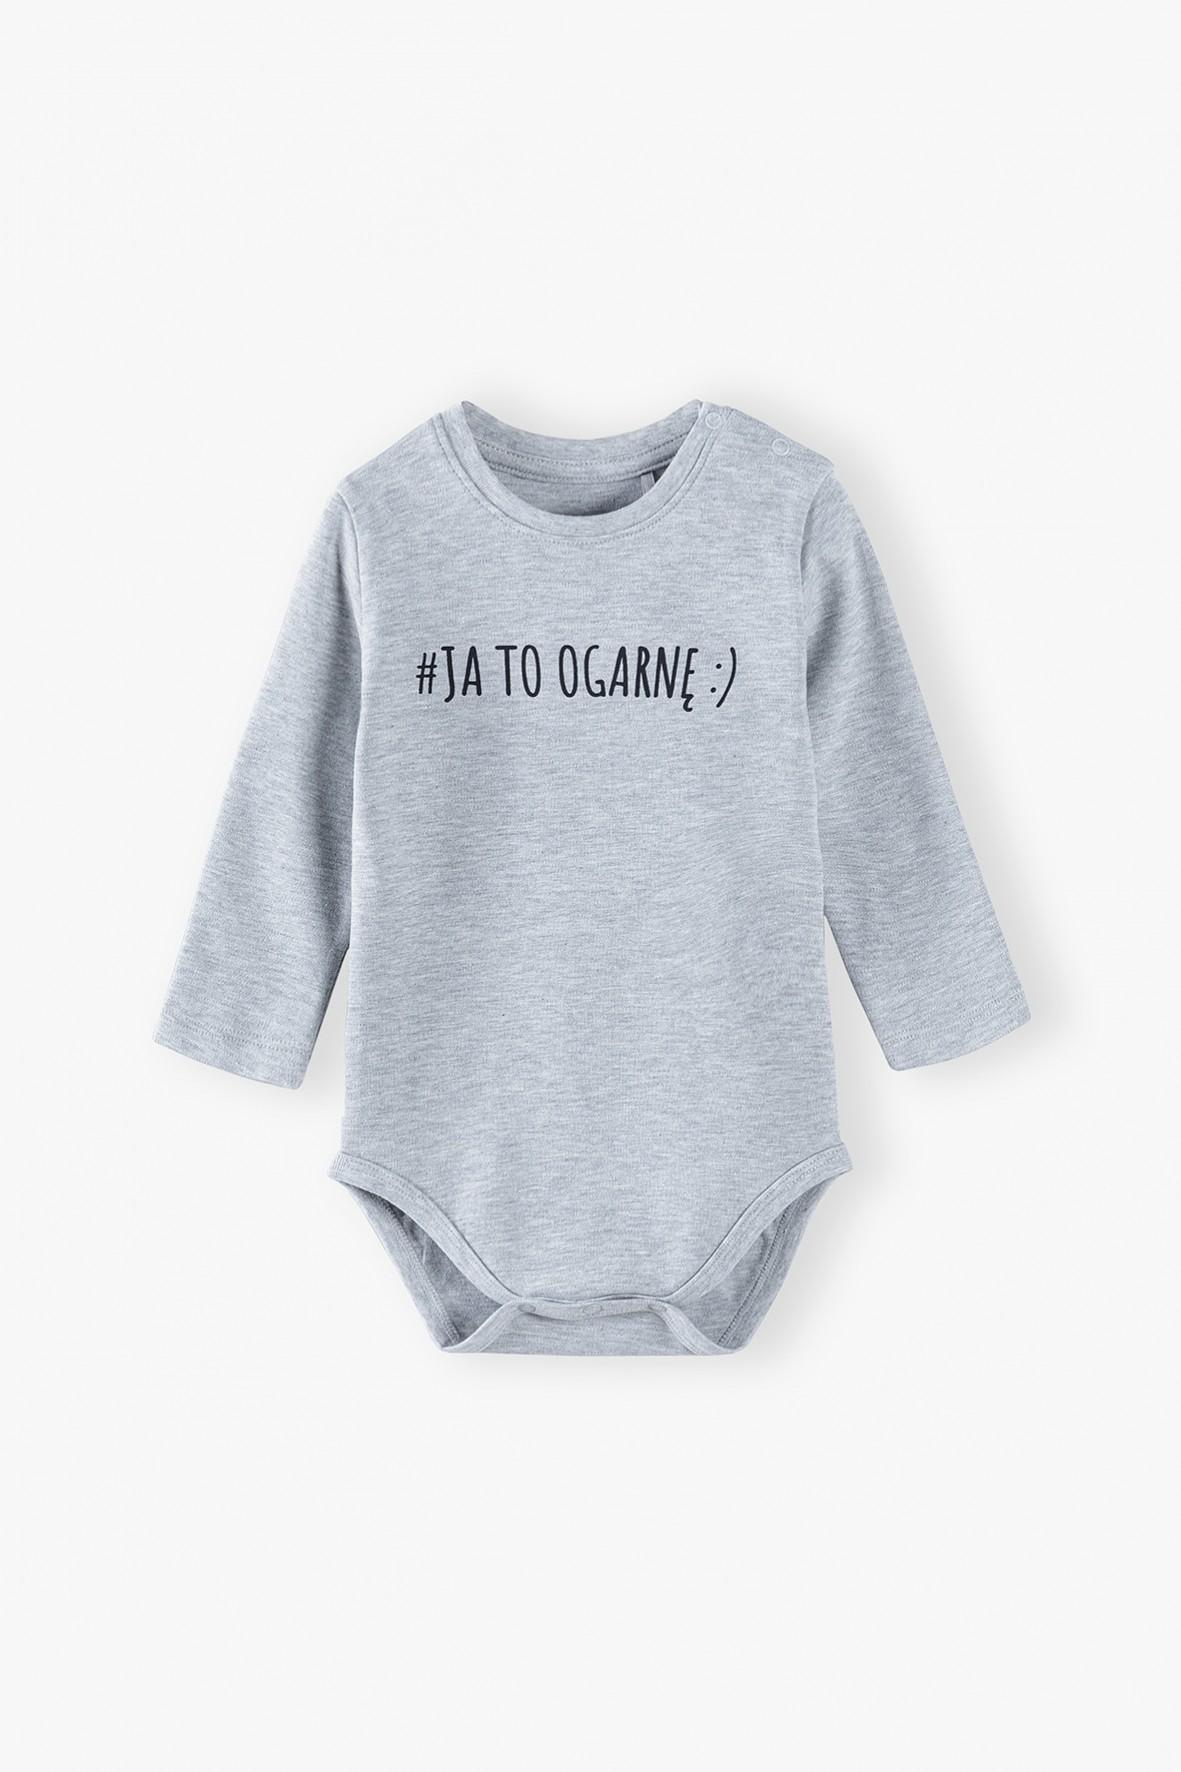 Body niemowlęce z napisem- # Ja to ogarnę - ubrania dla całej rodziny